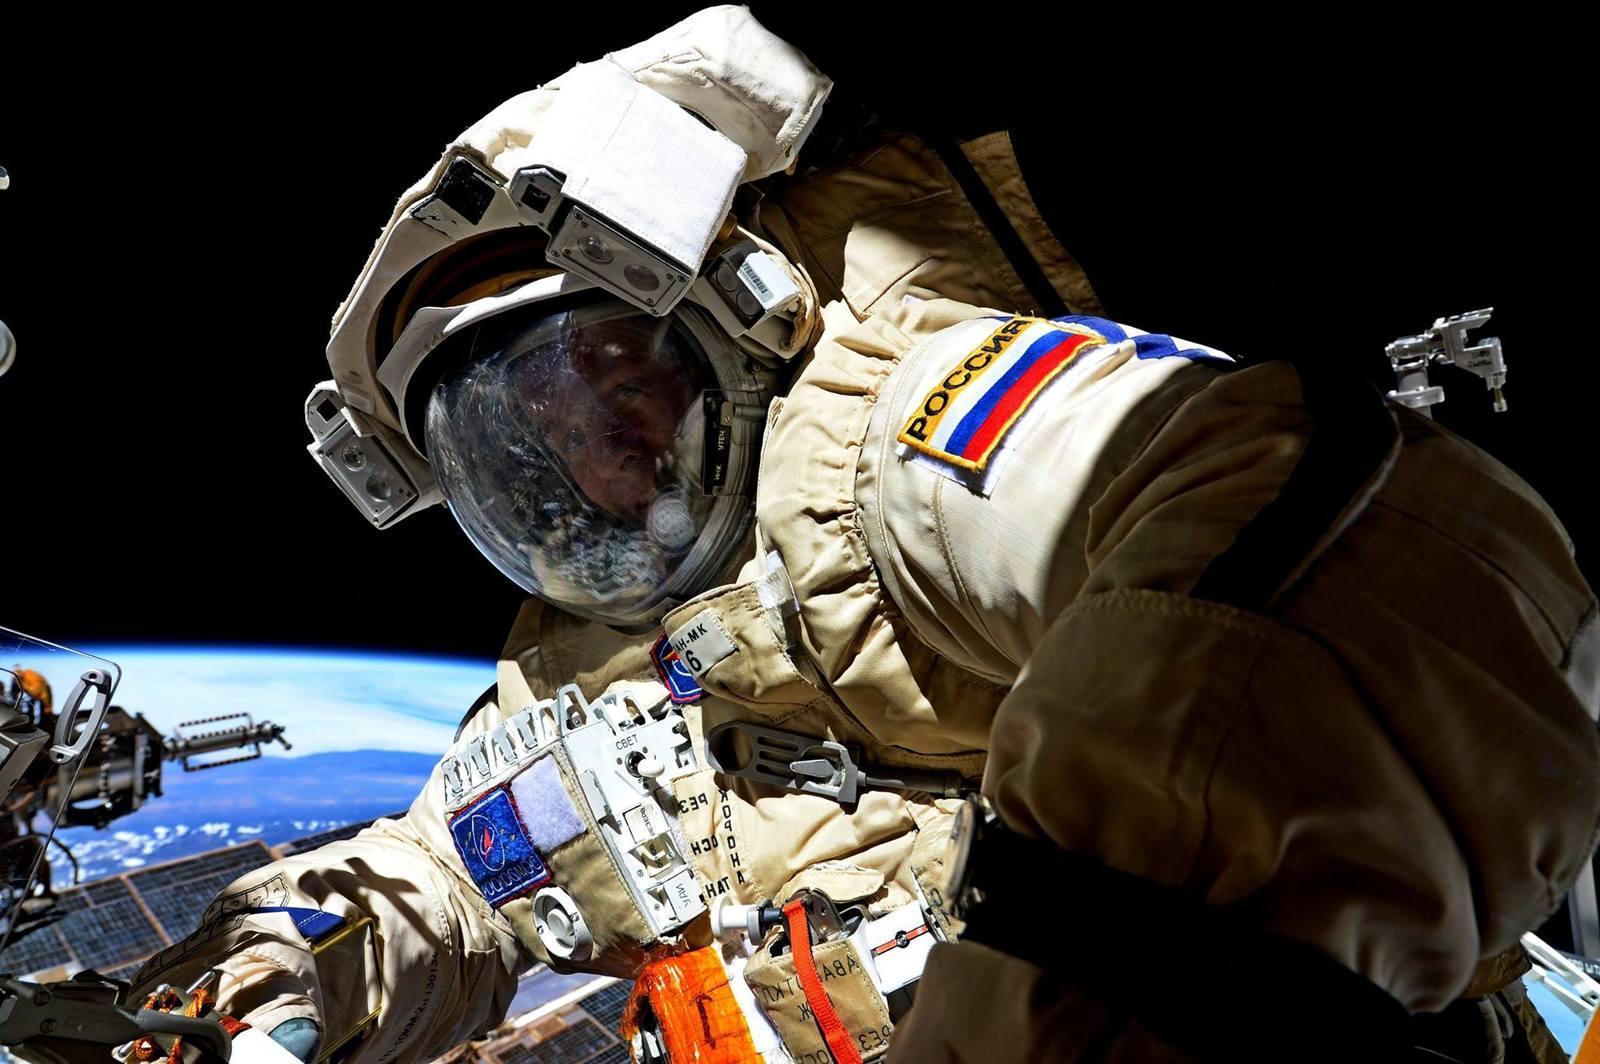 различить картинки российский космос фото, справа стоит